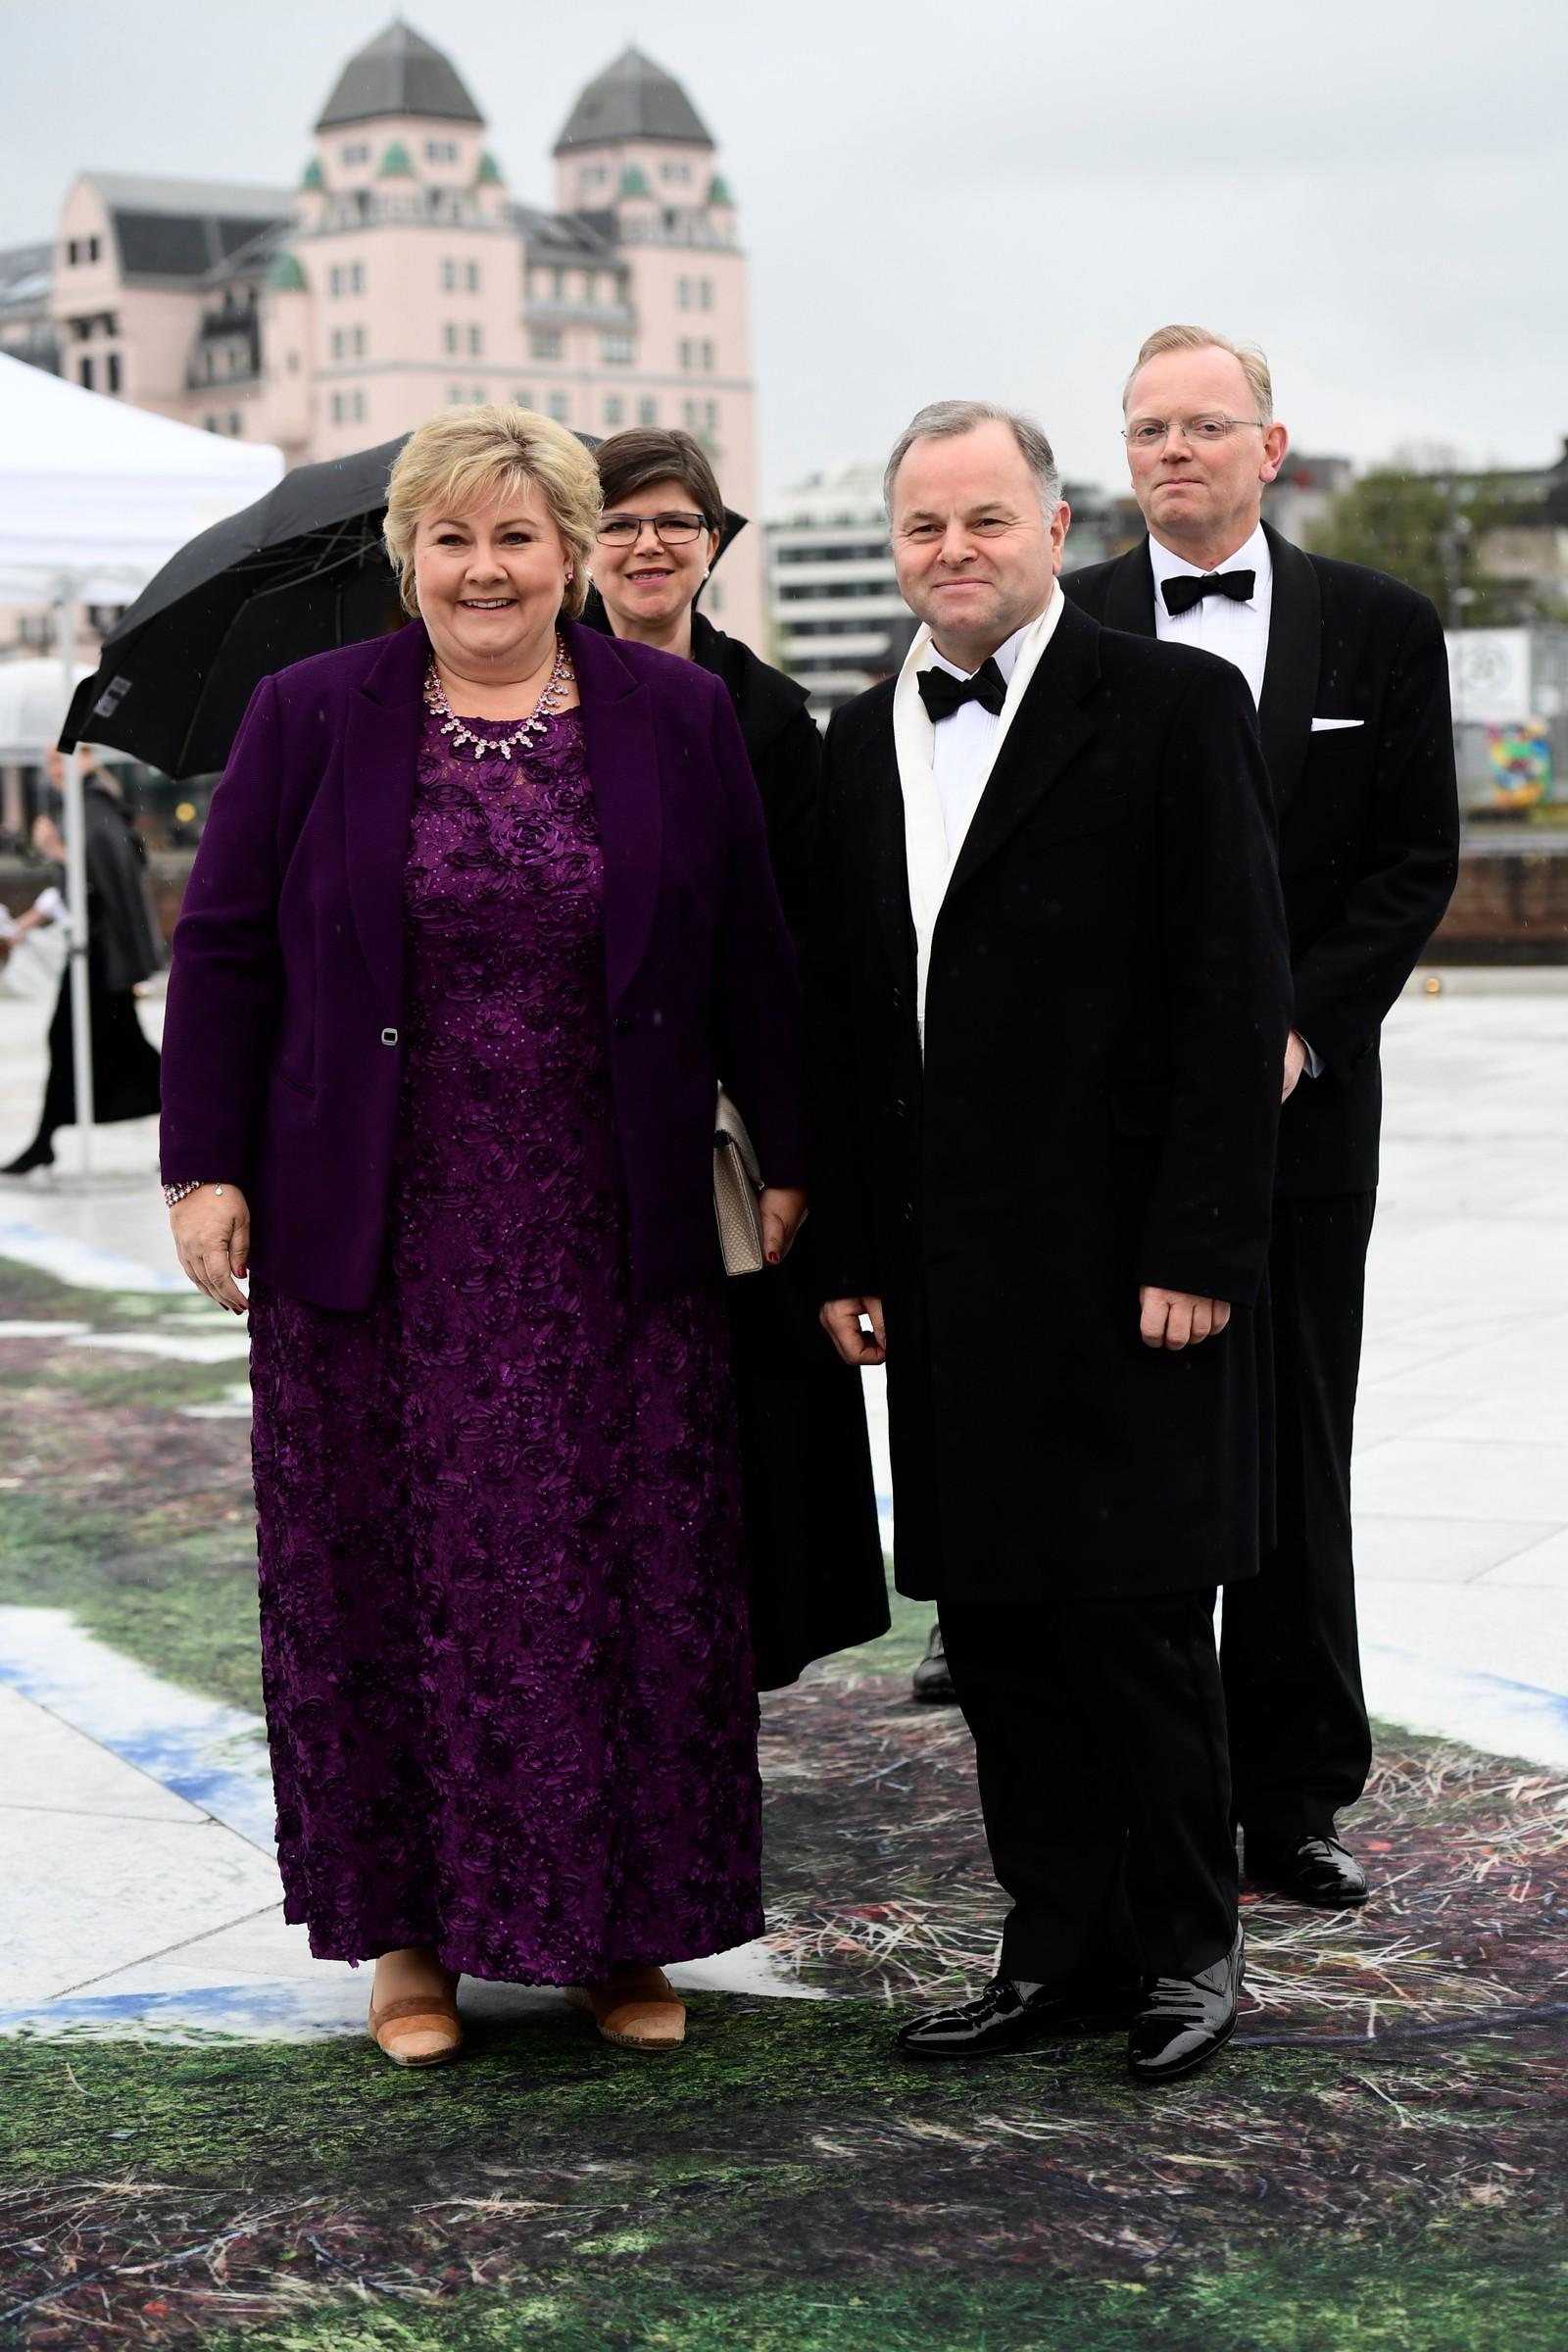 Statsminister Erna Solberg og stortingspresident Olemic Thommessen ankommer festmiddagen i Operaen i anledning kongeparets 80-årsfeiring. Bak til høyre står Erna Solbergs ektemann Sindre Finnes.